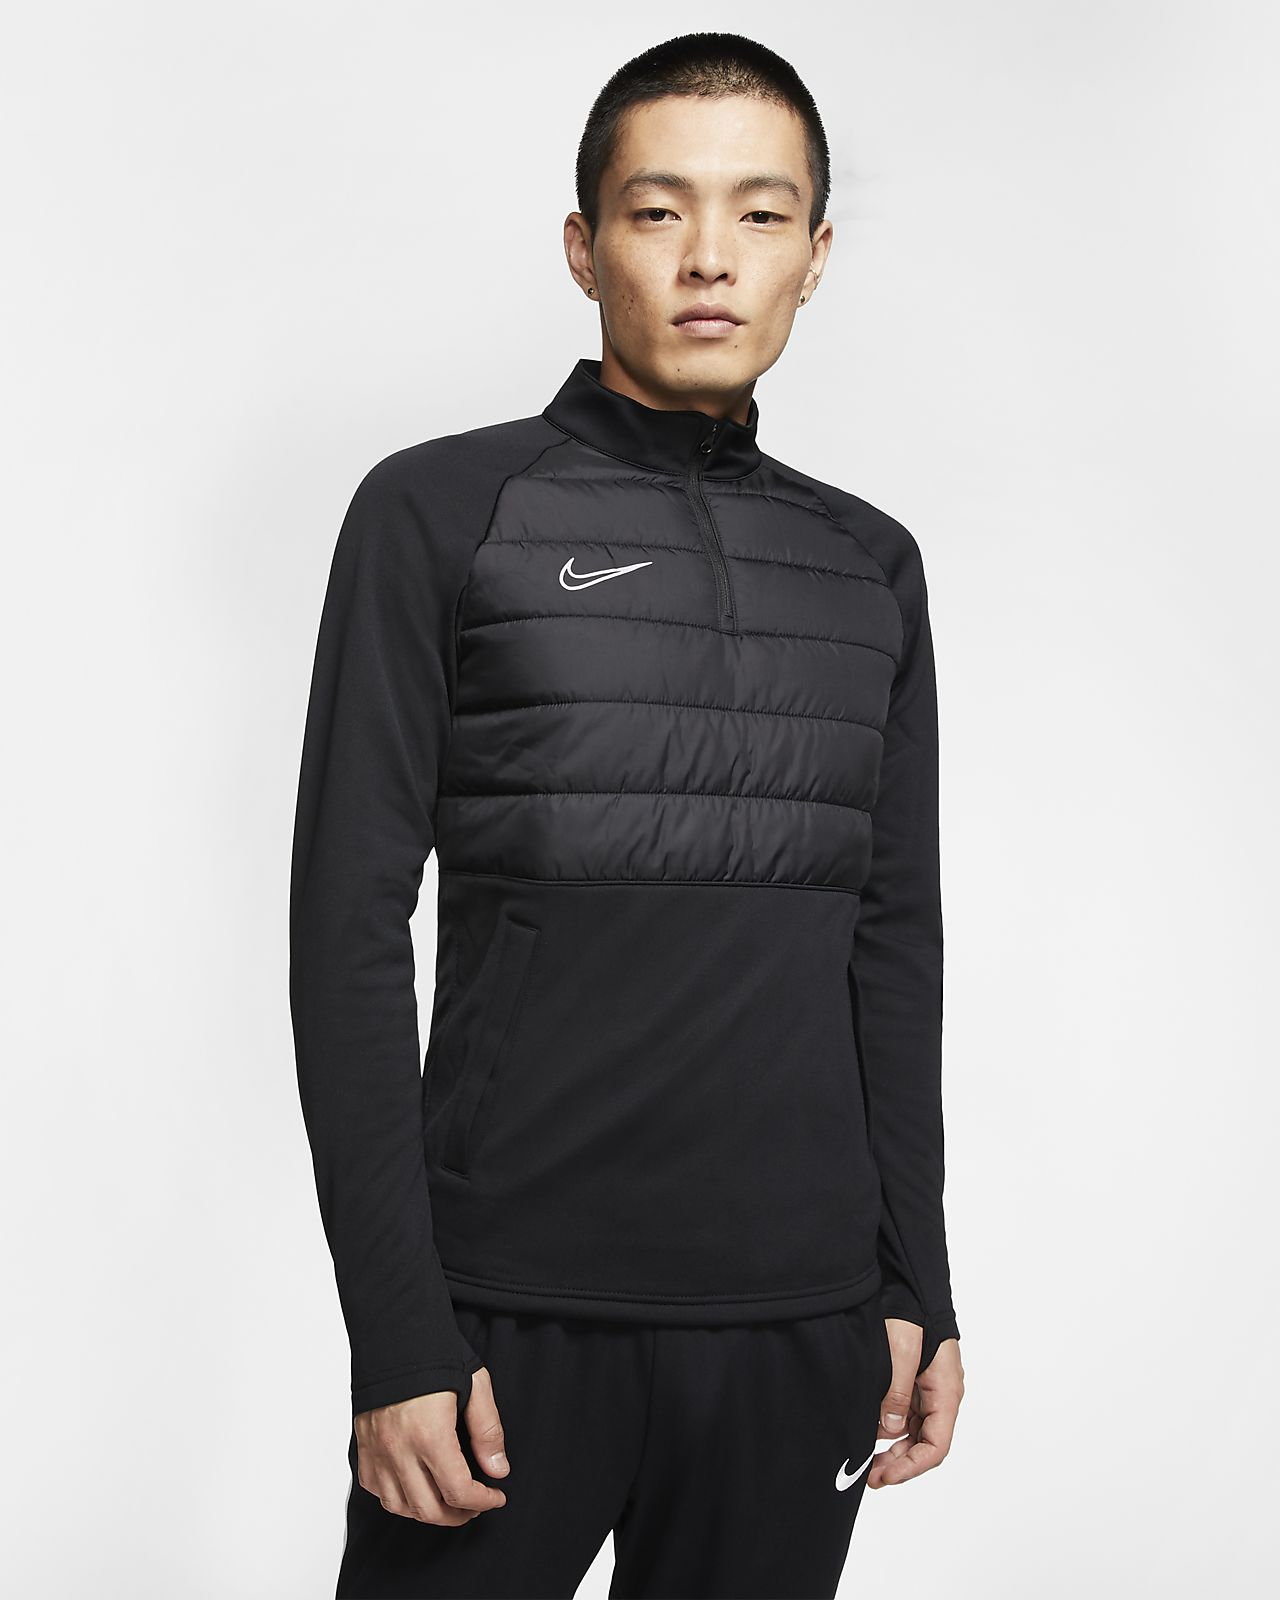 Ανδρική ποδοσφαιρική μπλούζα προπόνησης Nike Dri-FIT Academy